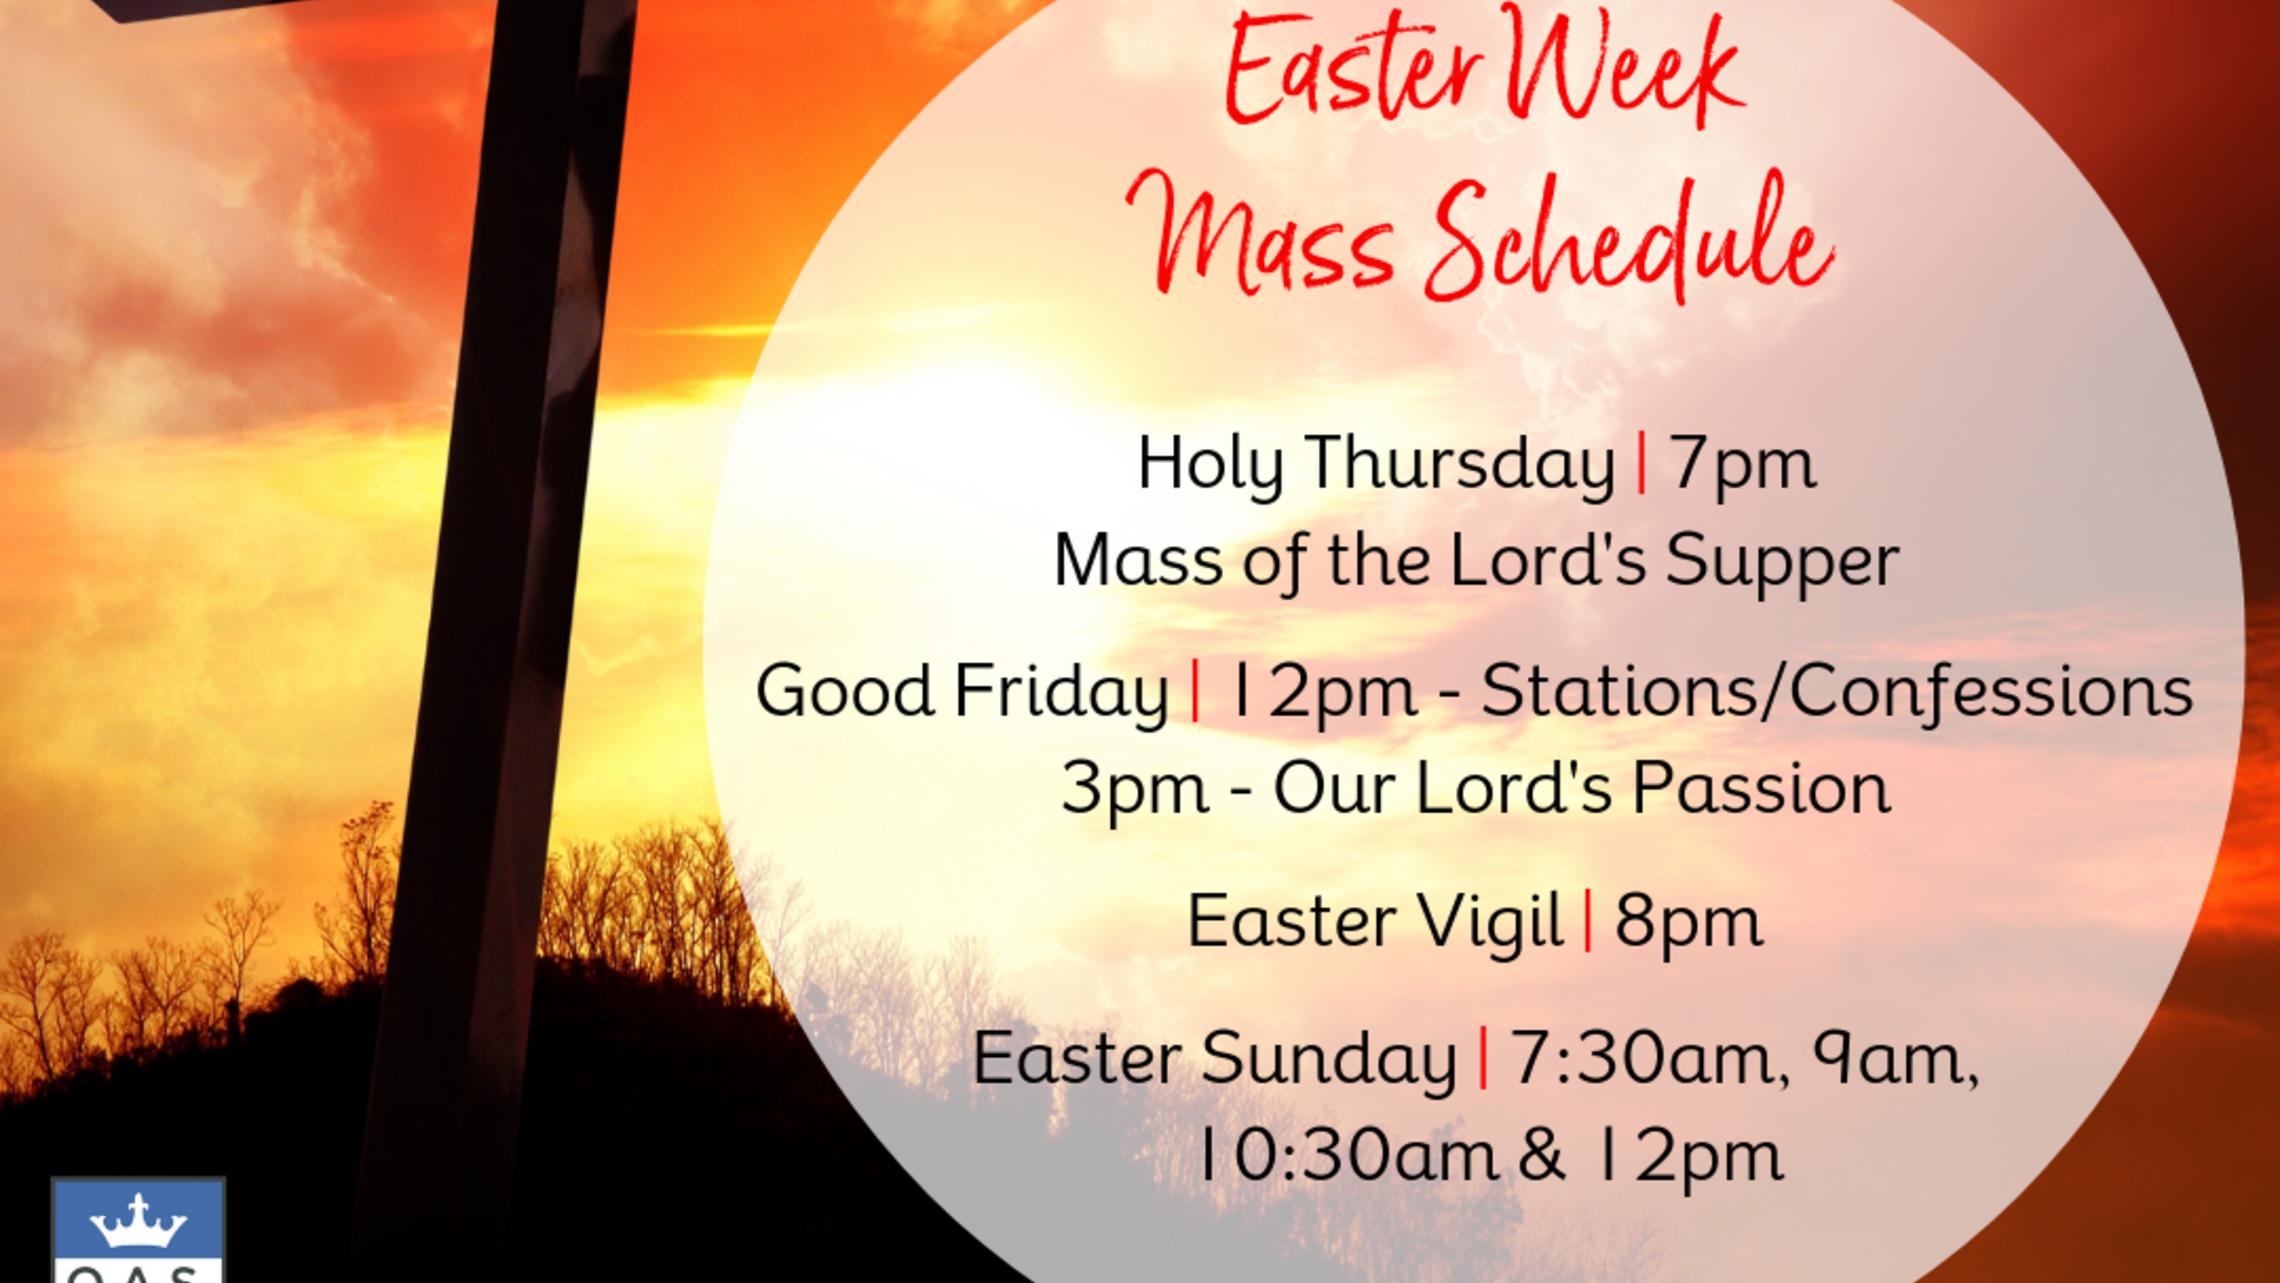 Easter Week Mass Schedule at QAS